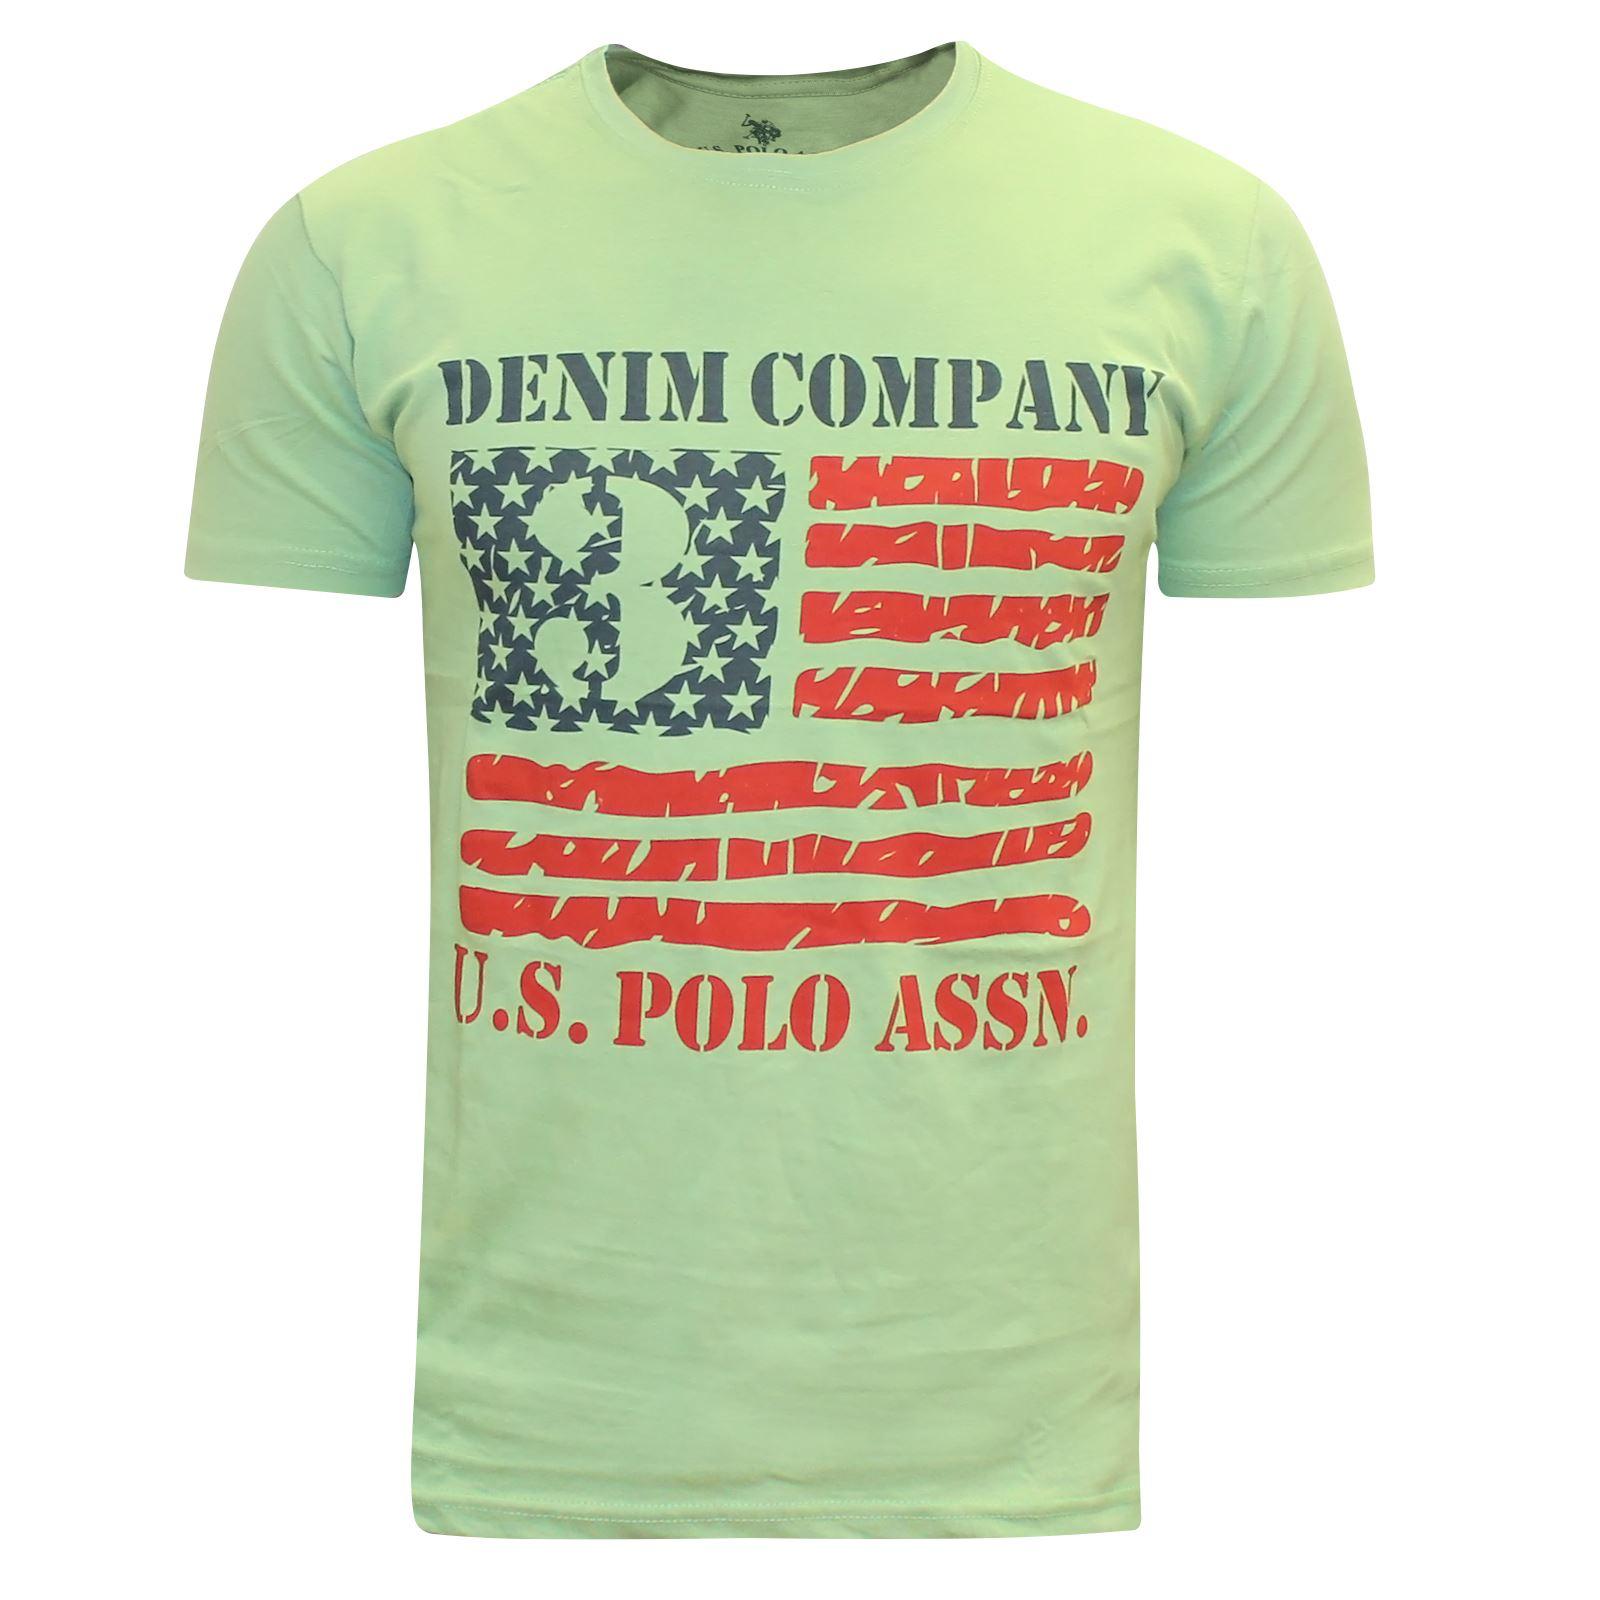 Nouveau-Homme-US-Polo-Assn-a-Manches-Courtes-Imprime-T-Shirt-Denim-Company-American-Top